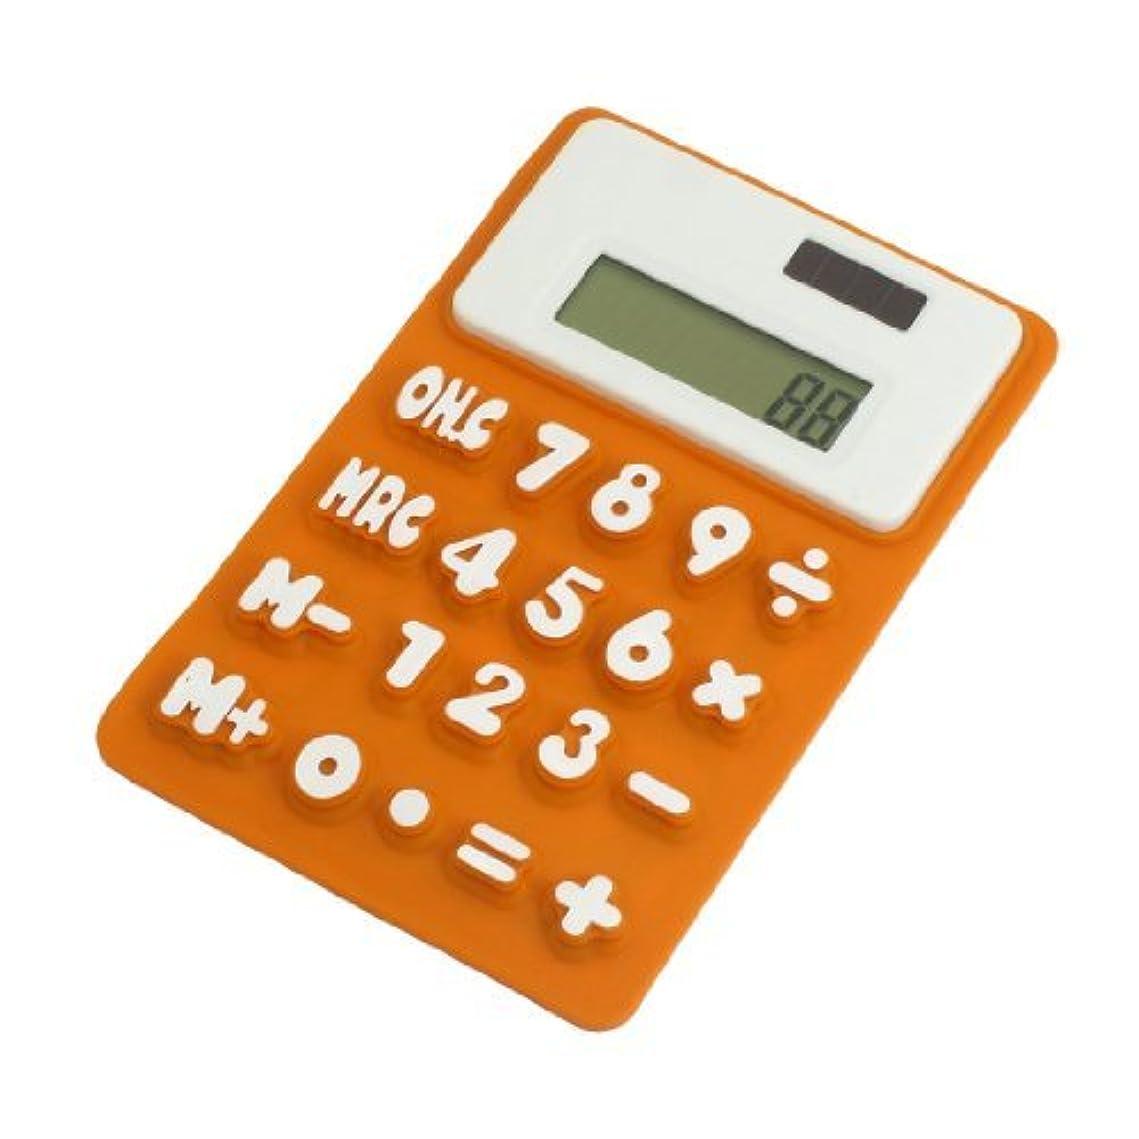 ゴールデンうるさい厚くするDealMuxシリコーン磁気冷蔵庫ステッカー8桁電卓、ダークオレンジ/ホワイト